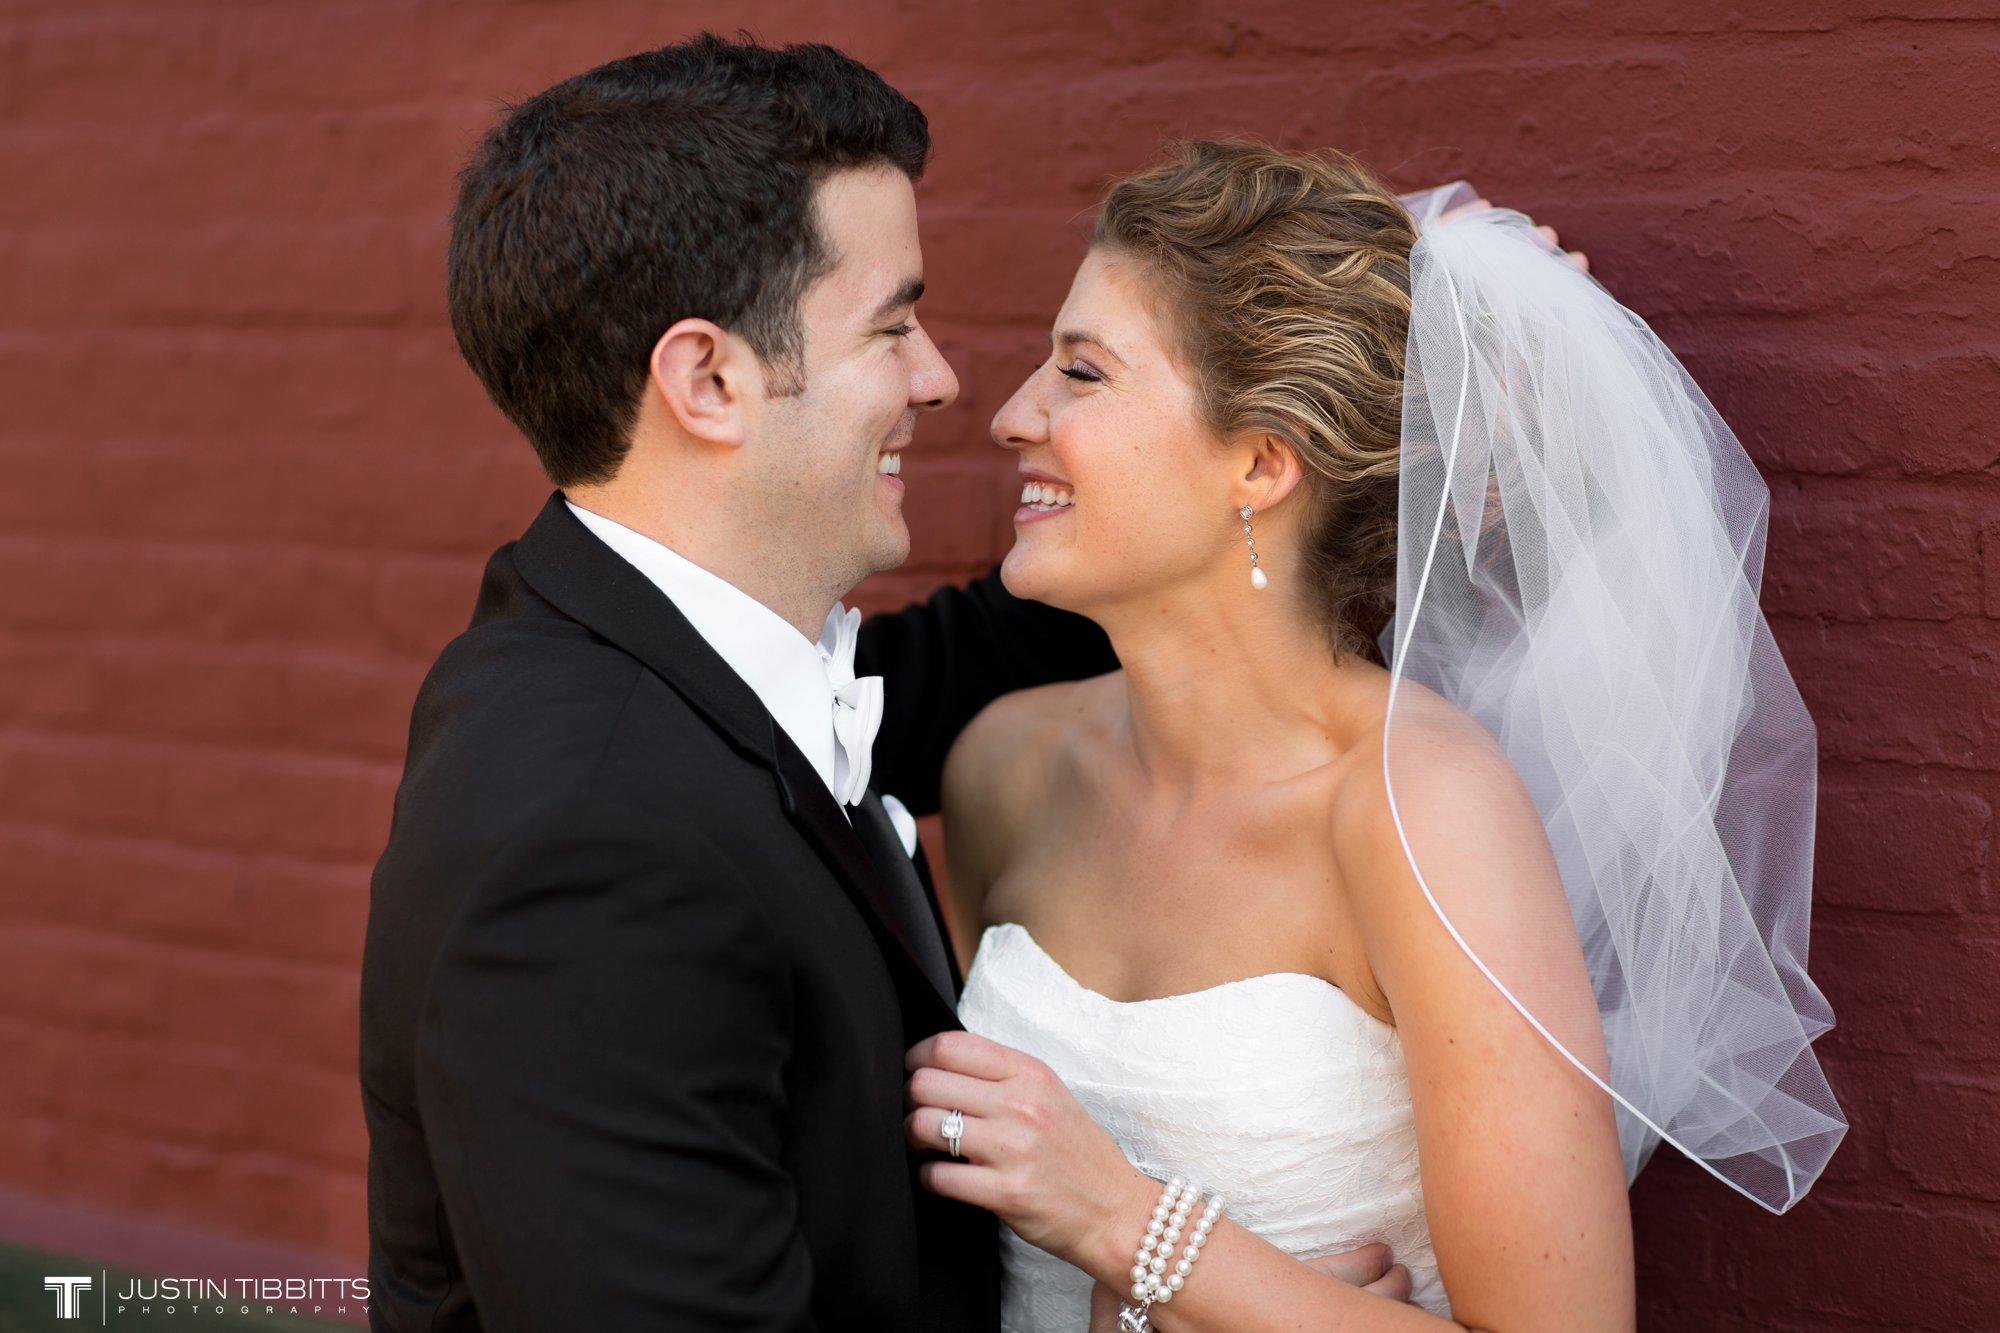 Albany NY Wedding Photographer Justin Tibbitts Photography 2014 Best of Albany NY Weddings-25975102